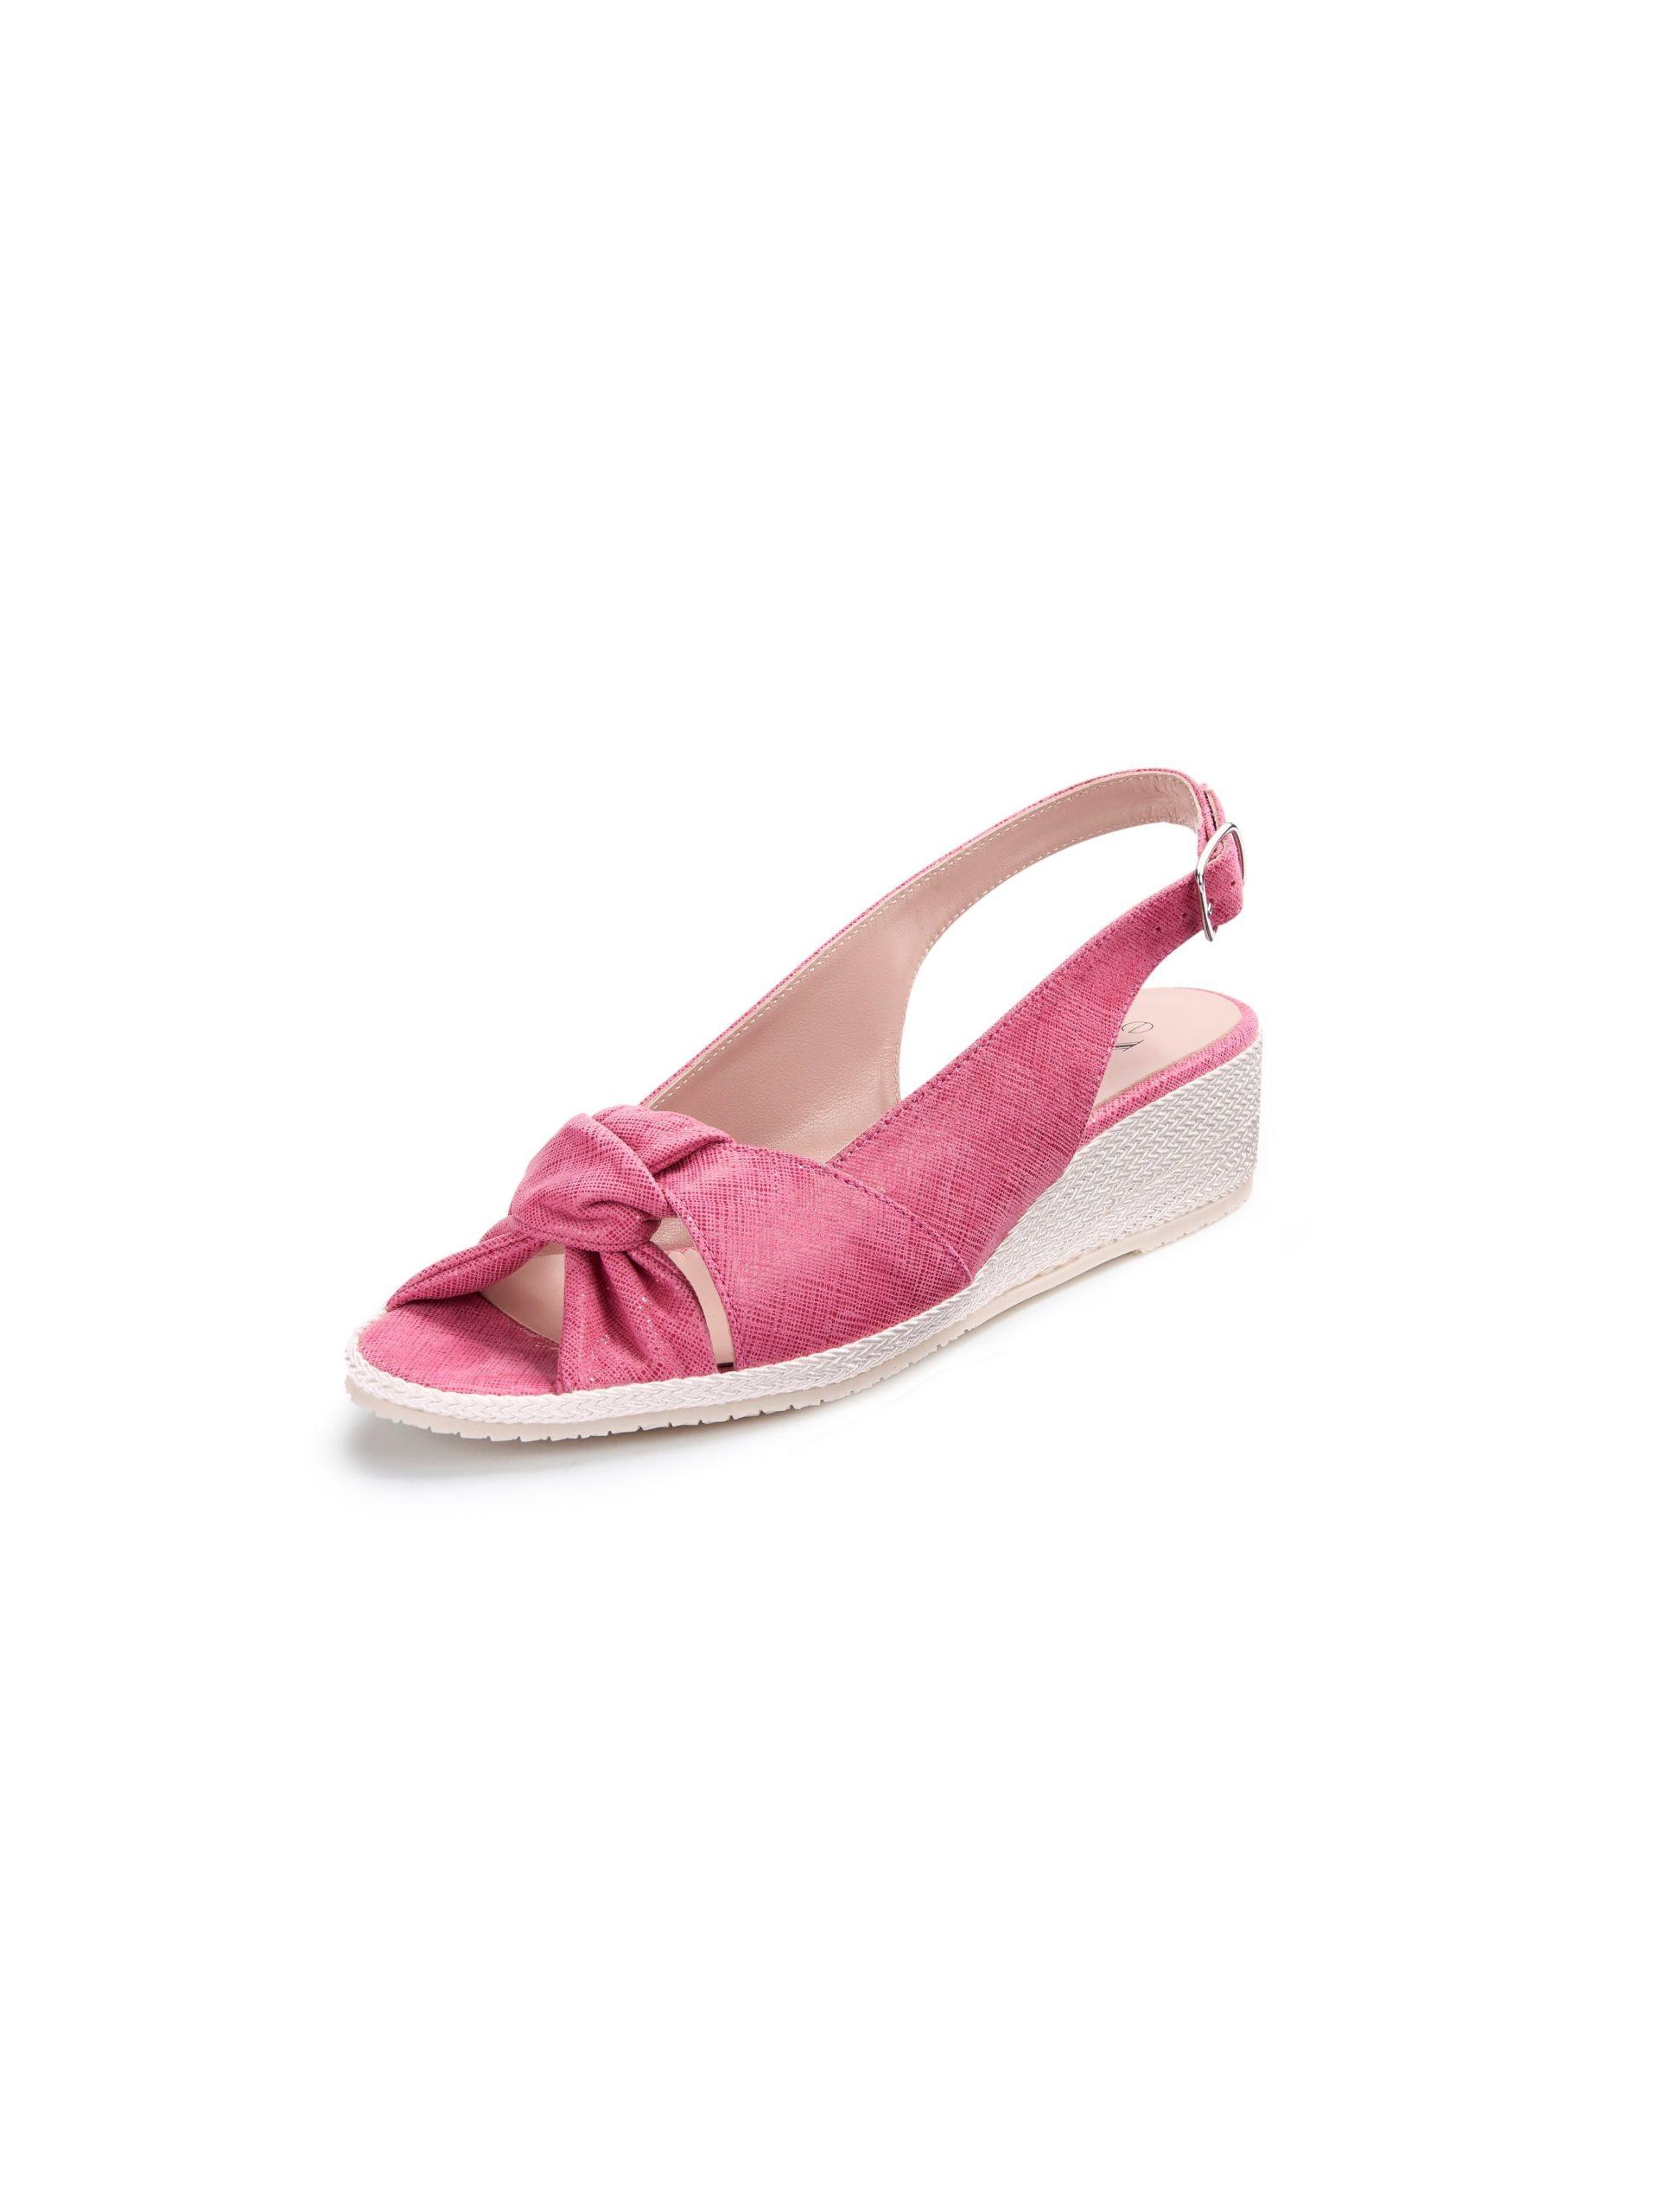 Sandaaltjes Van Peter Hahn exquisit roze Kopen